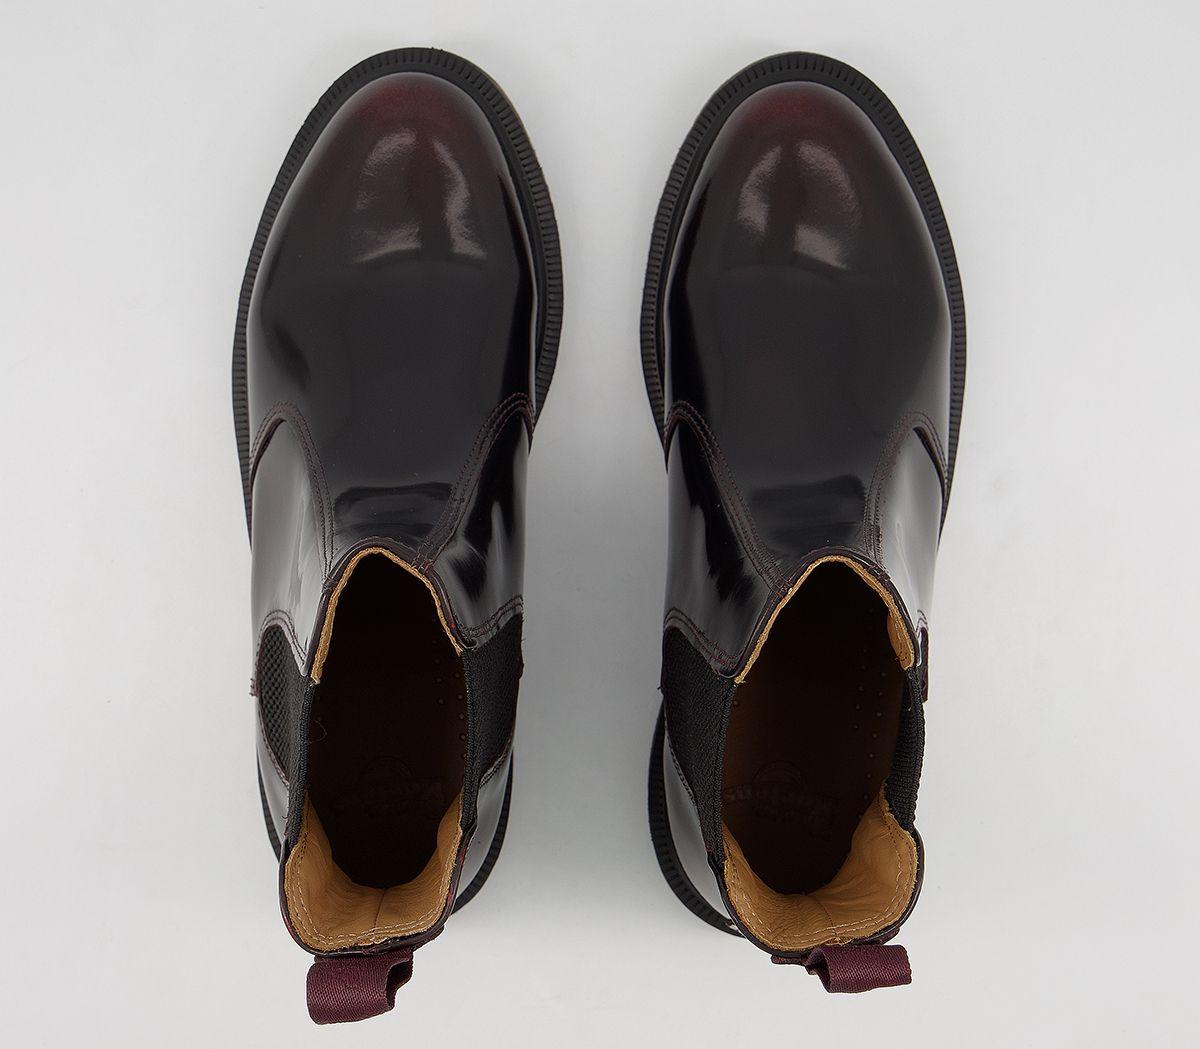 a25d64b979f5c Dr. Martens Kensington Flora Boots Burgundy Leather - Ankle Boots